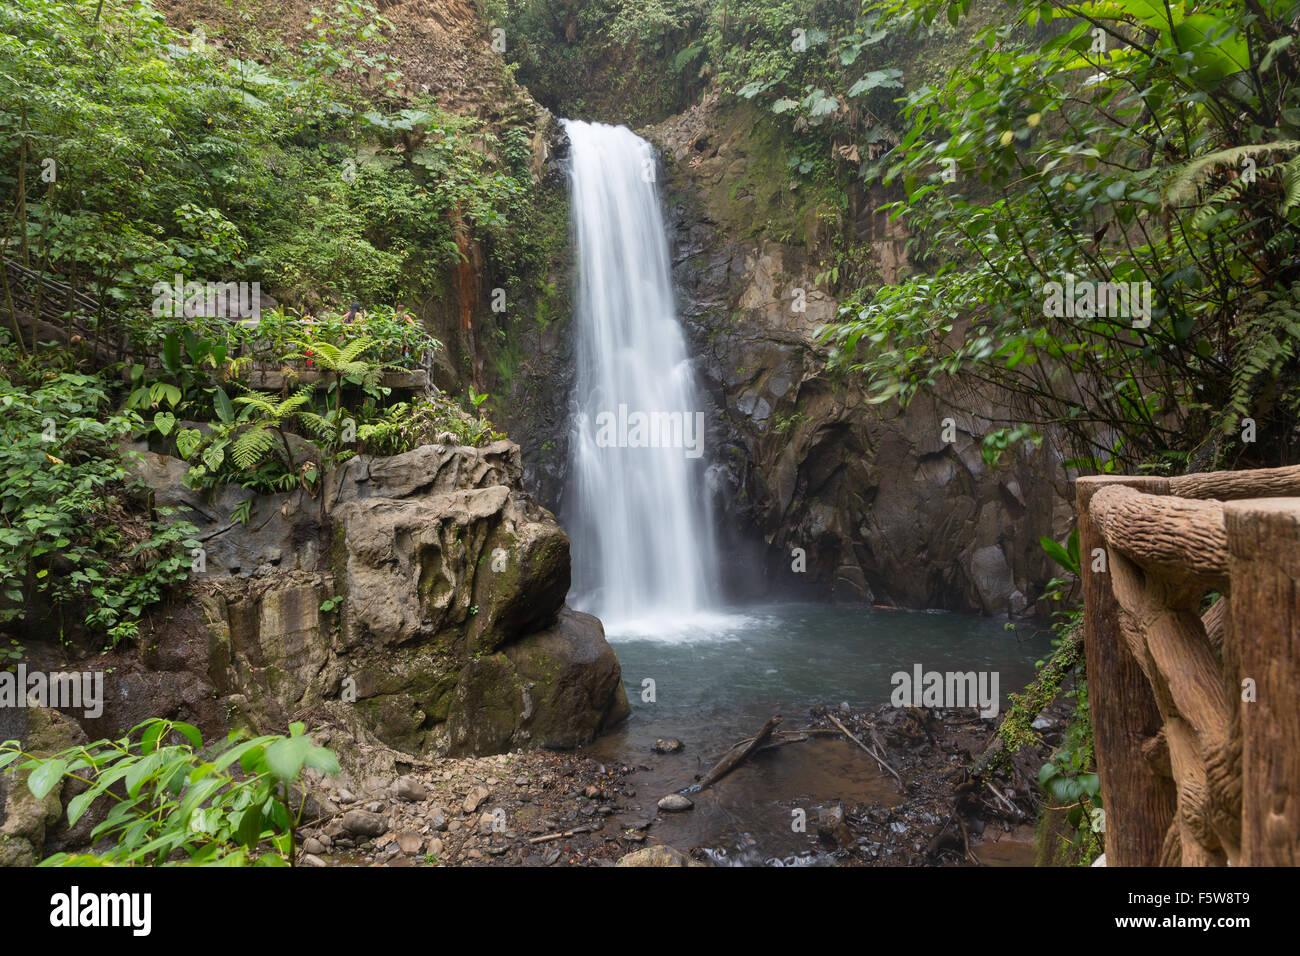 Fernblick über verschwommenes La Paz Wasserfall unter dem Regenwald, Costa Rica Stockbild